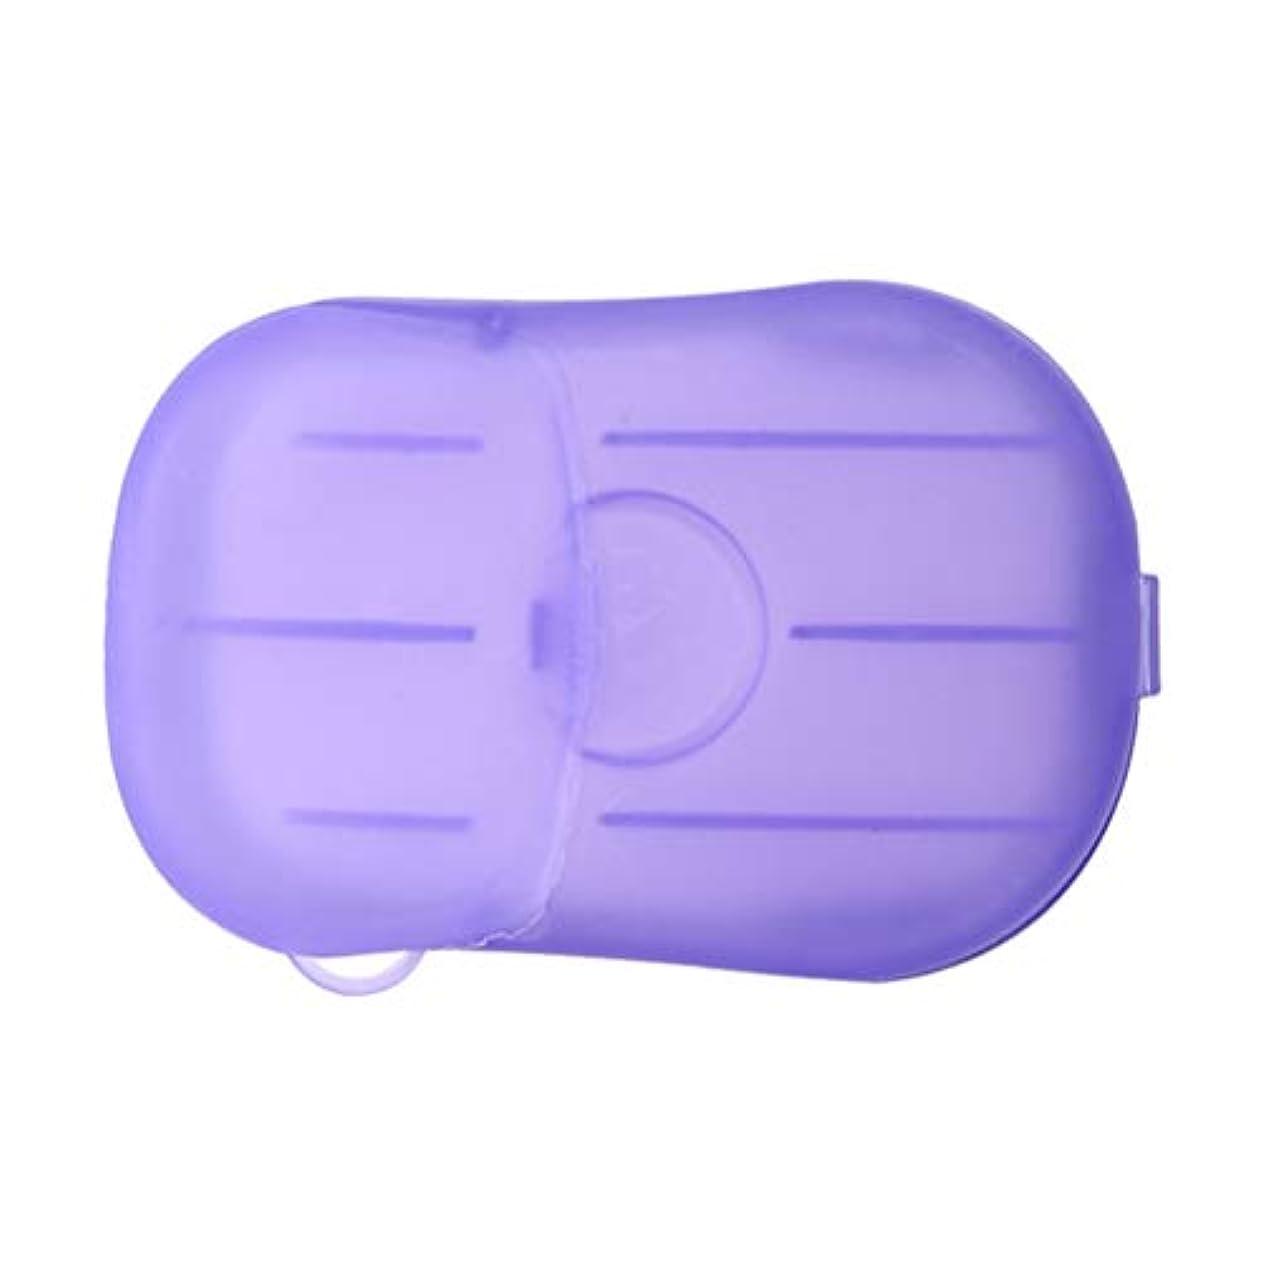 勤勉男やもめ好みLIOOBO 20ピース石鹸フレーク使い捨てクリーニングペーパーポータブルシャワー用品手洗い石鹸シーツ付きトラベルキャンプハイキング(パープル)